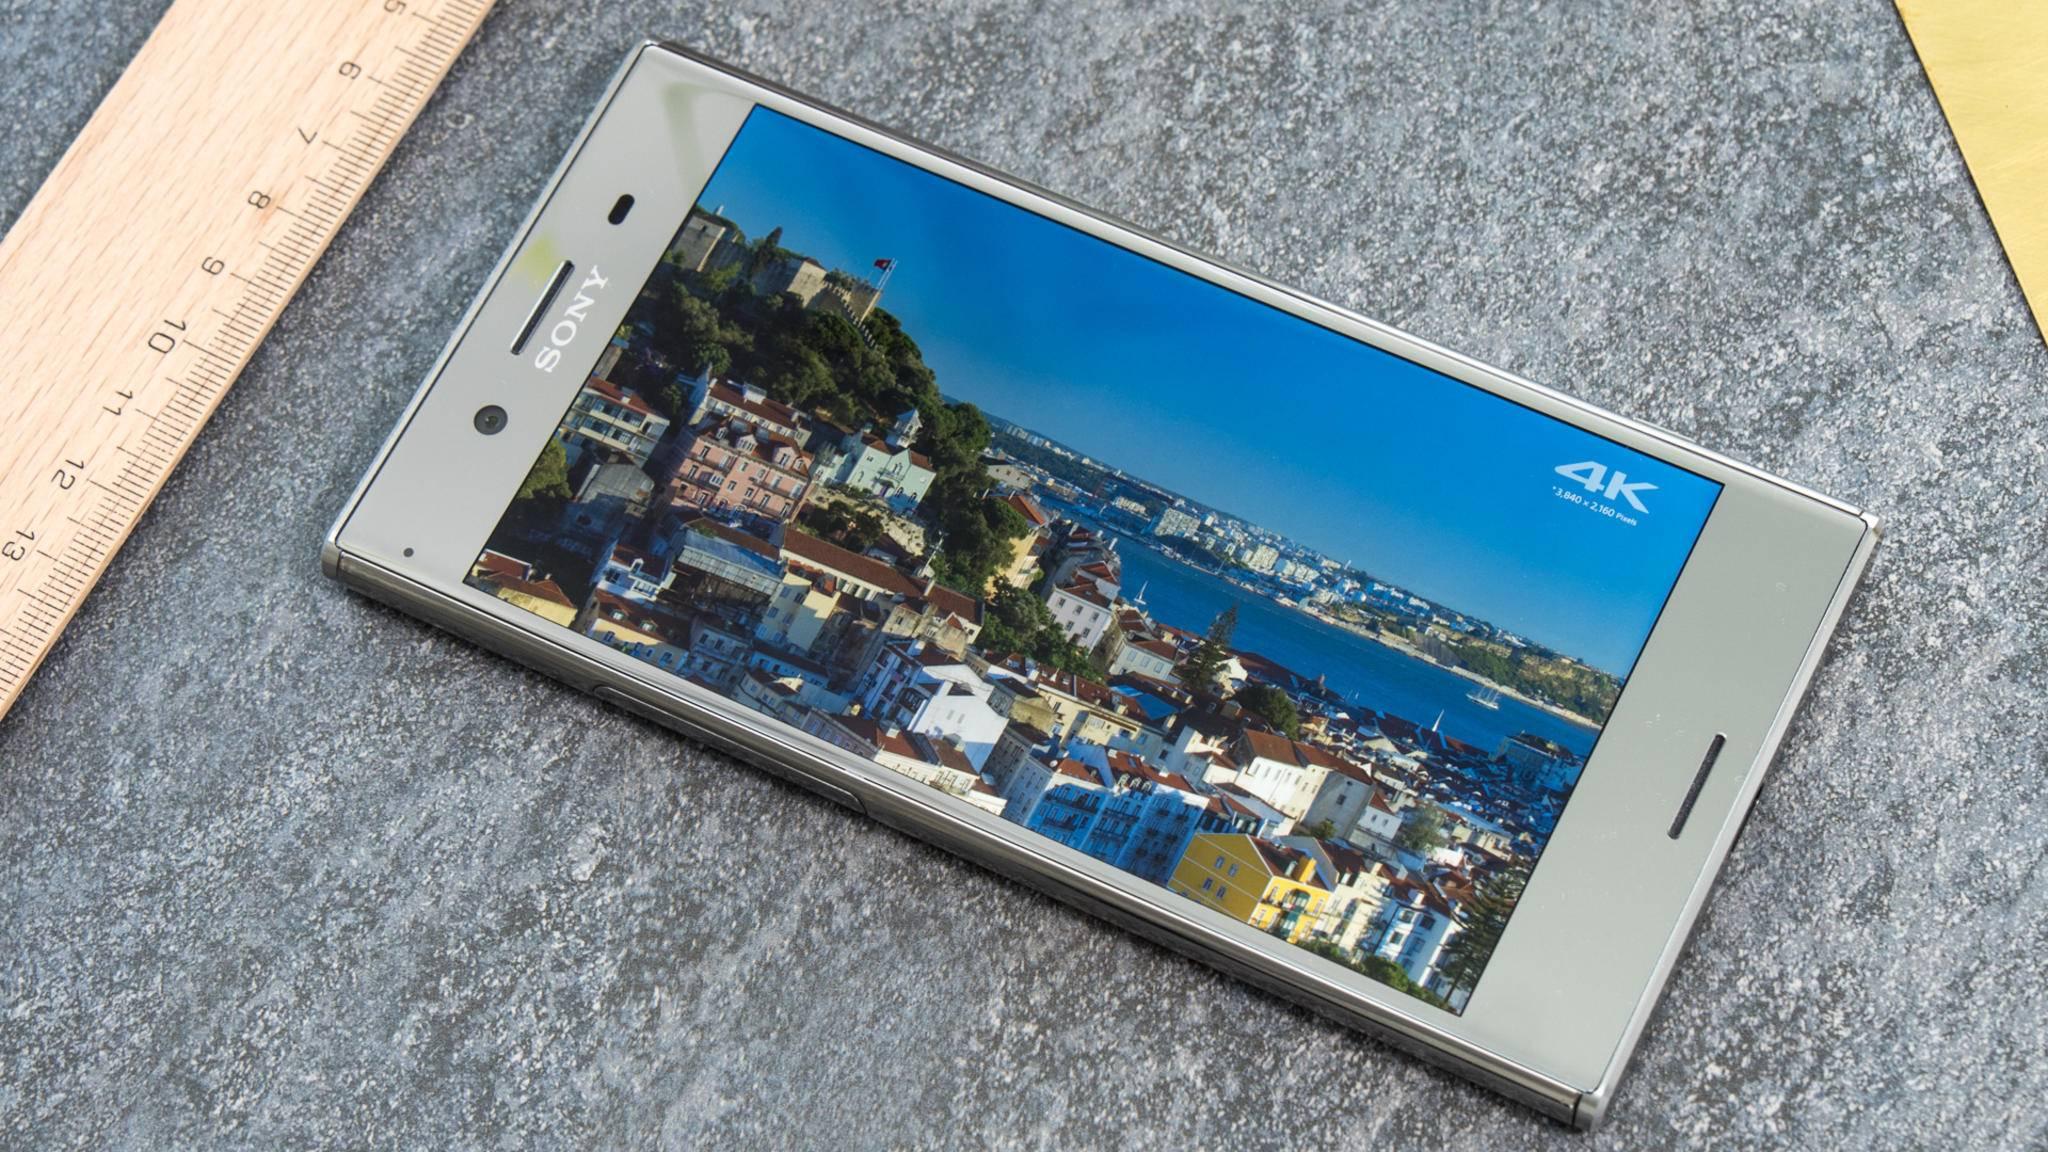 Der Nachfolger des Xperia XZ Premium soll das erste 4K-OLED-Display erhalten.